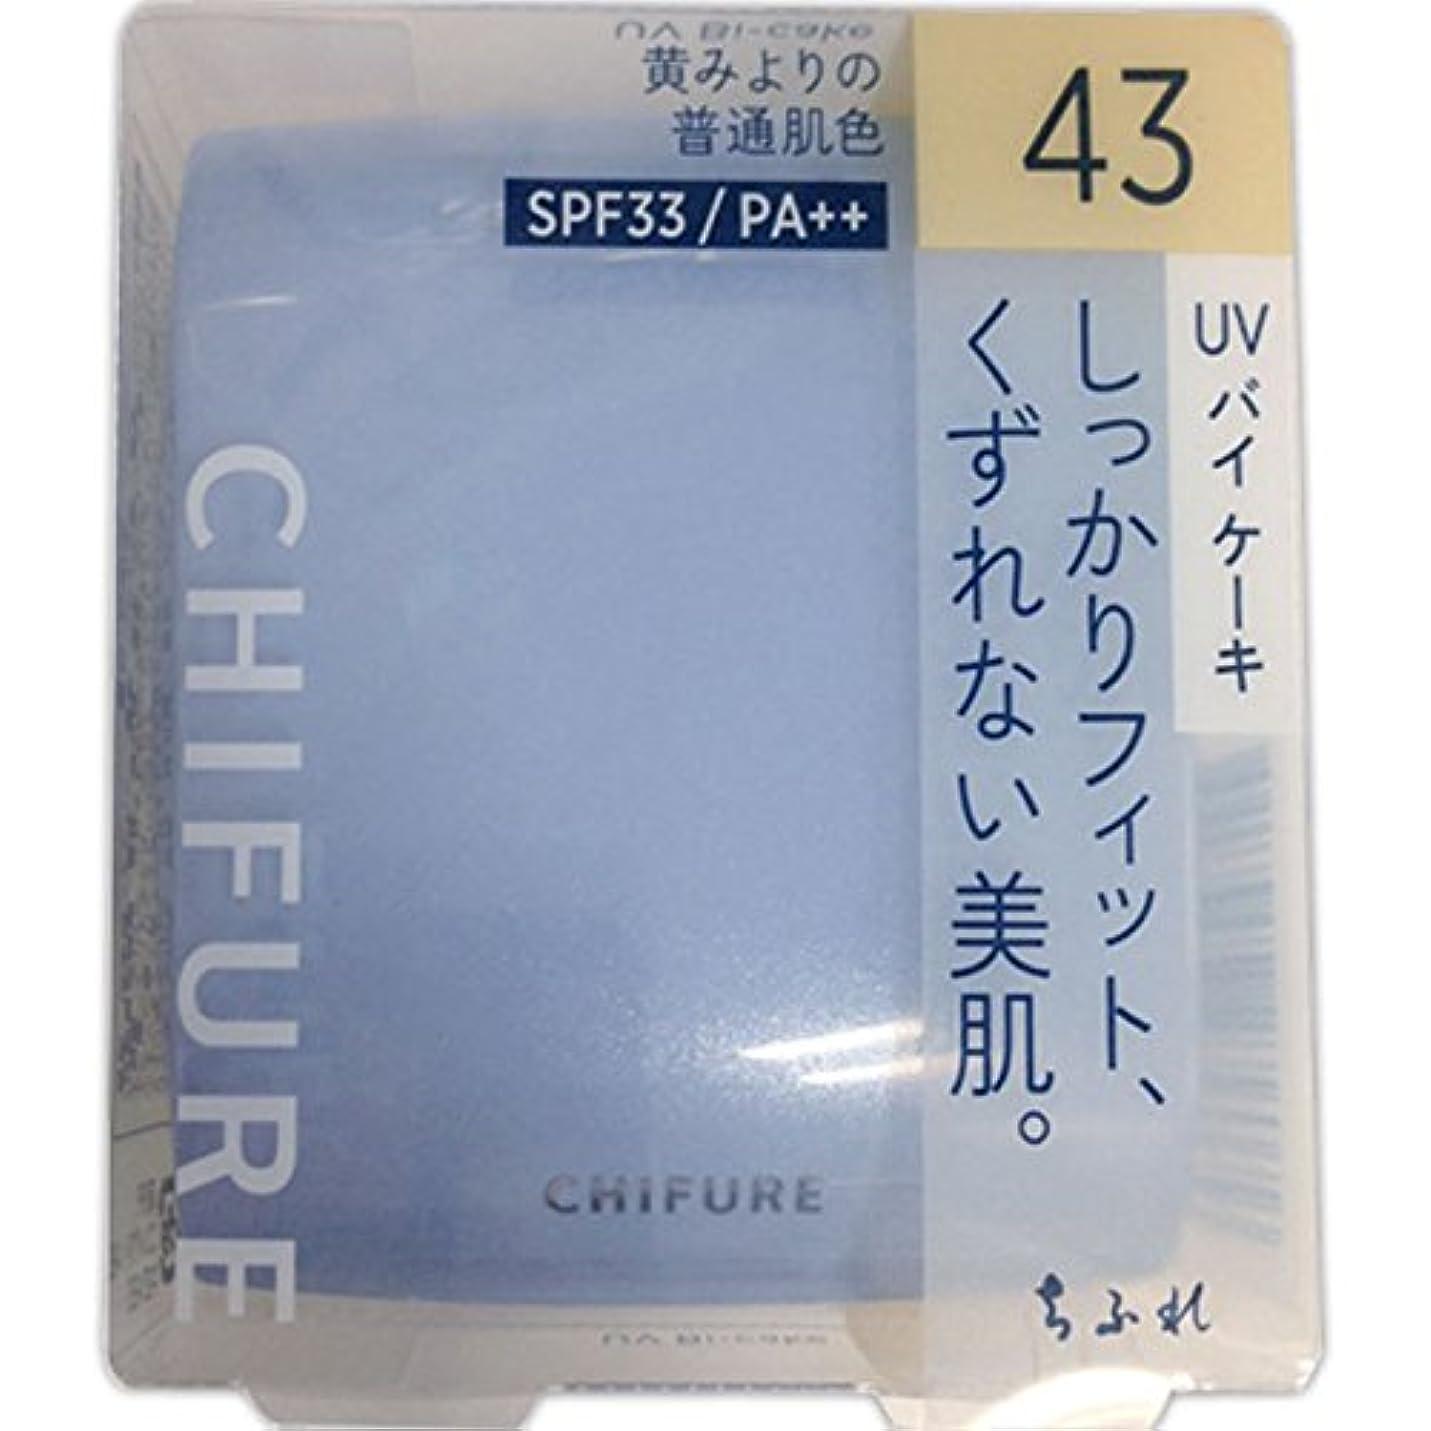 証拠過激派政策ちふれ化粧品 UV バイ ケーキ(スポンジ入り) 43 黄みよりの普通肌色 43